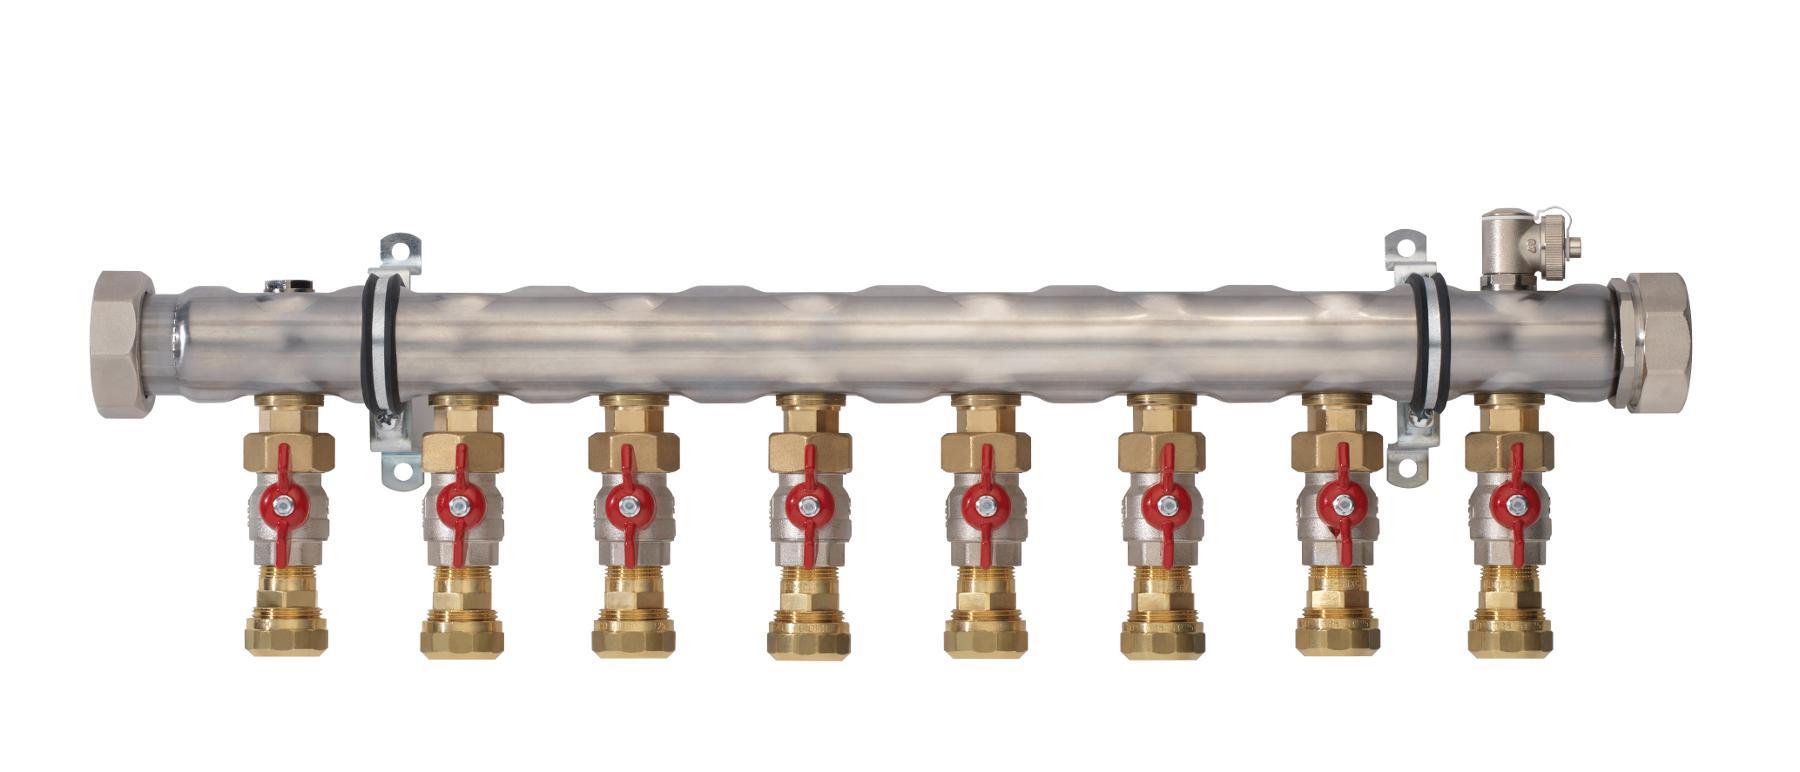 Промышленный коллектор с регулирующими вентилями на 8 контуров